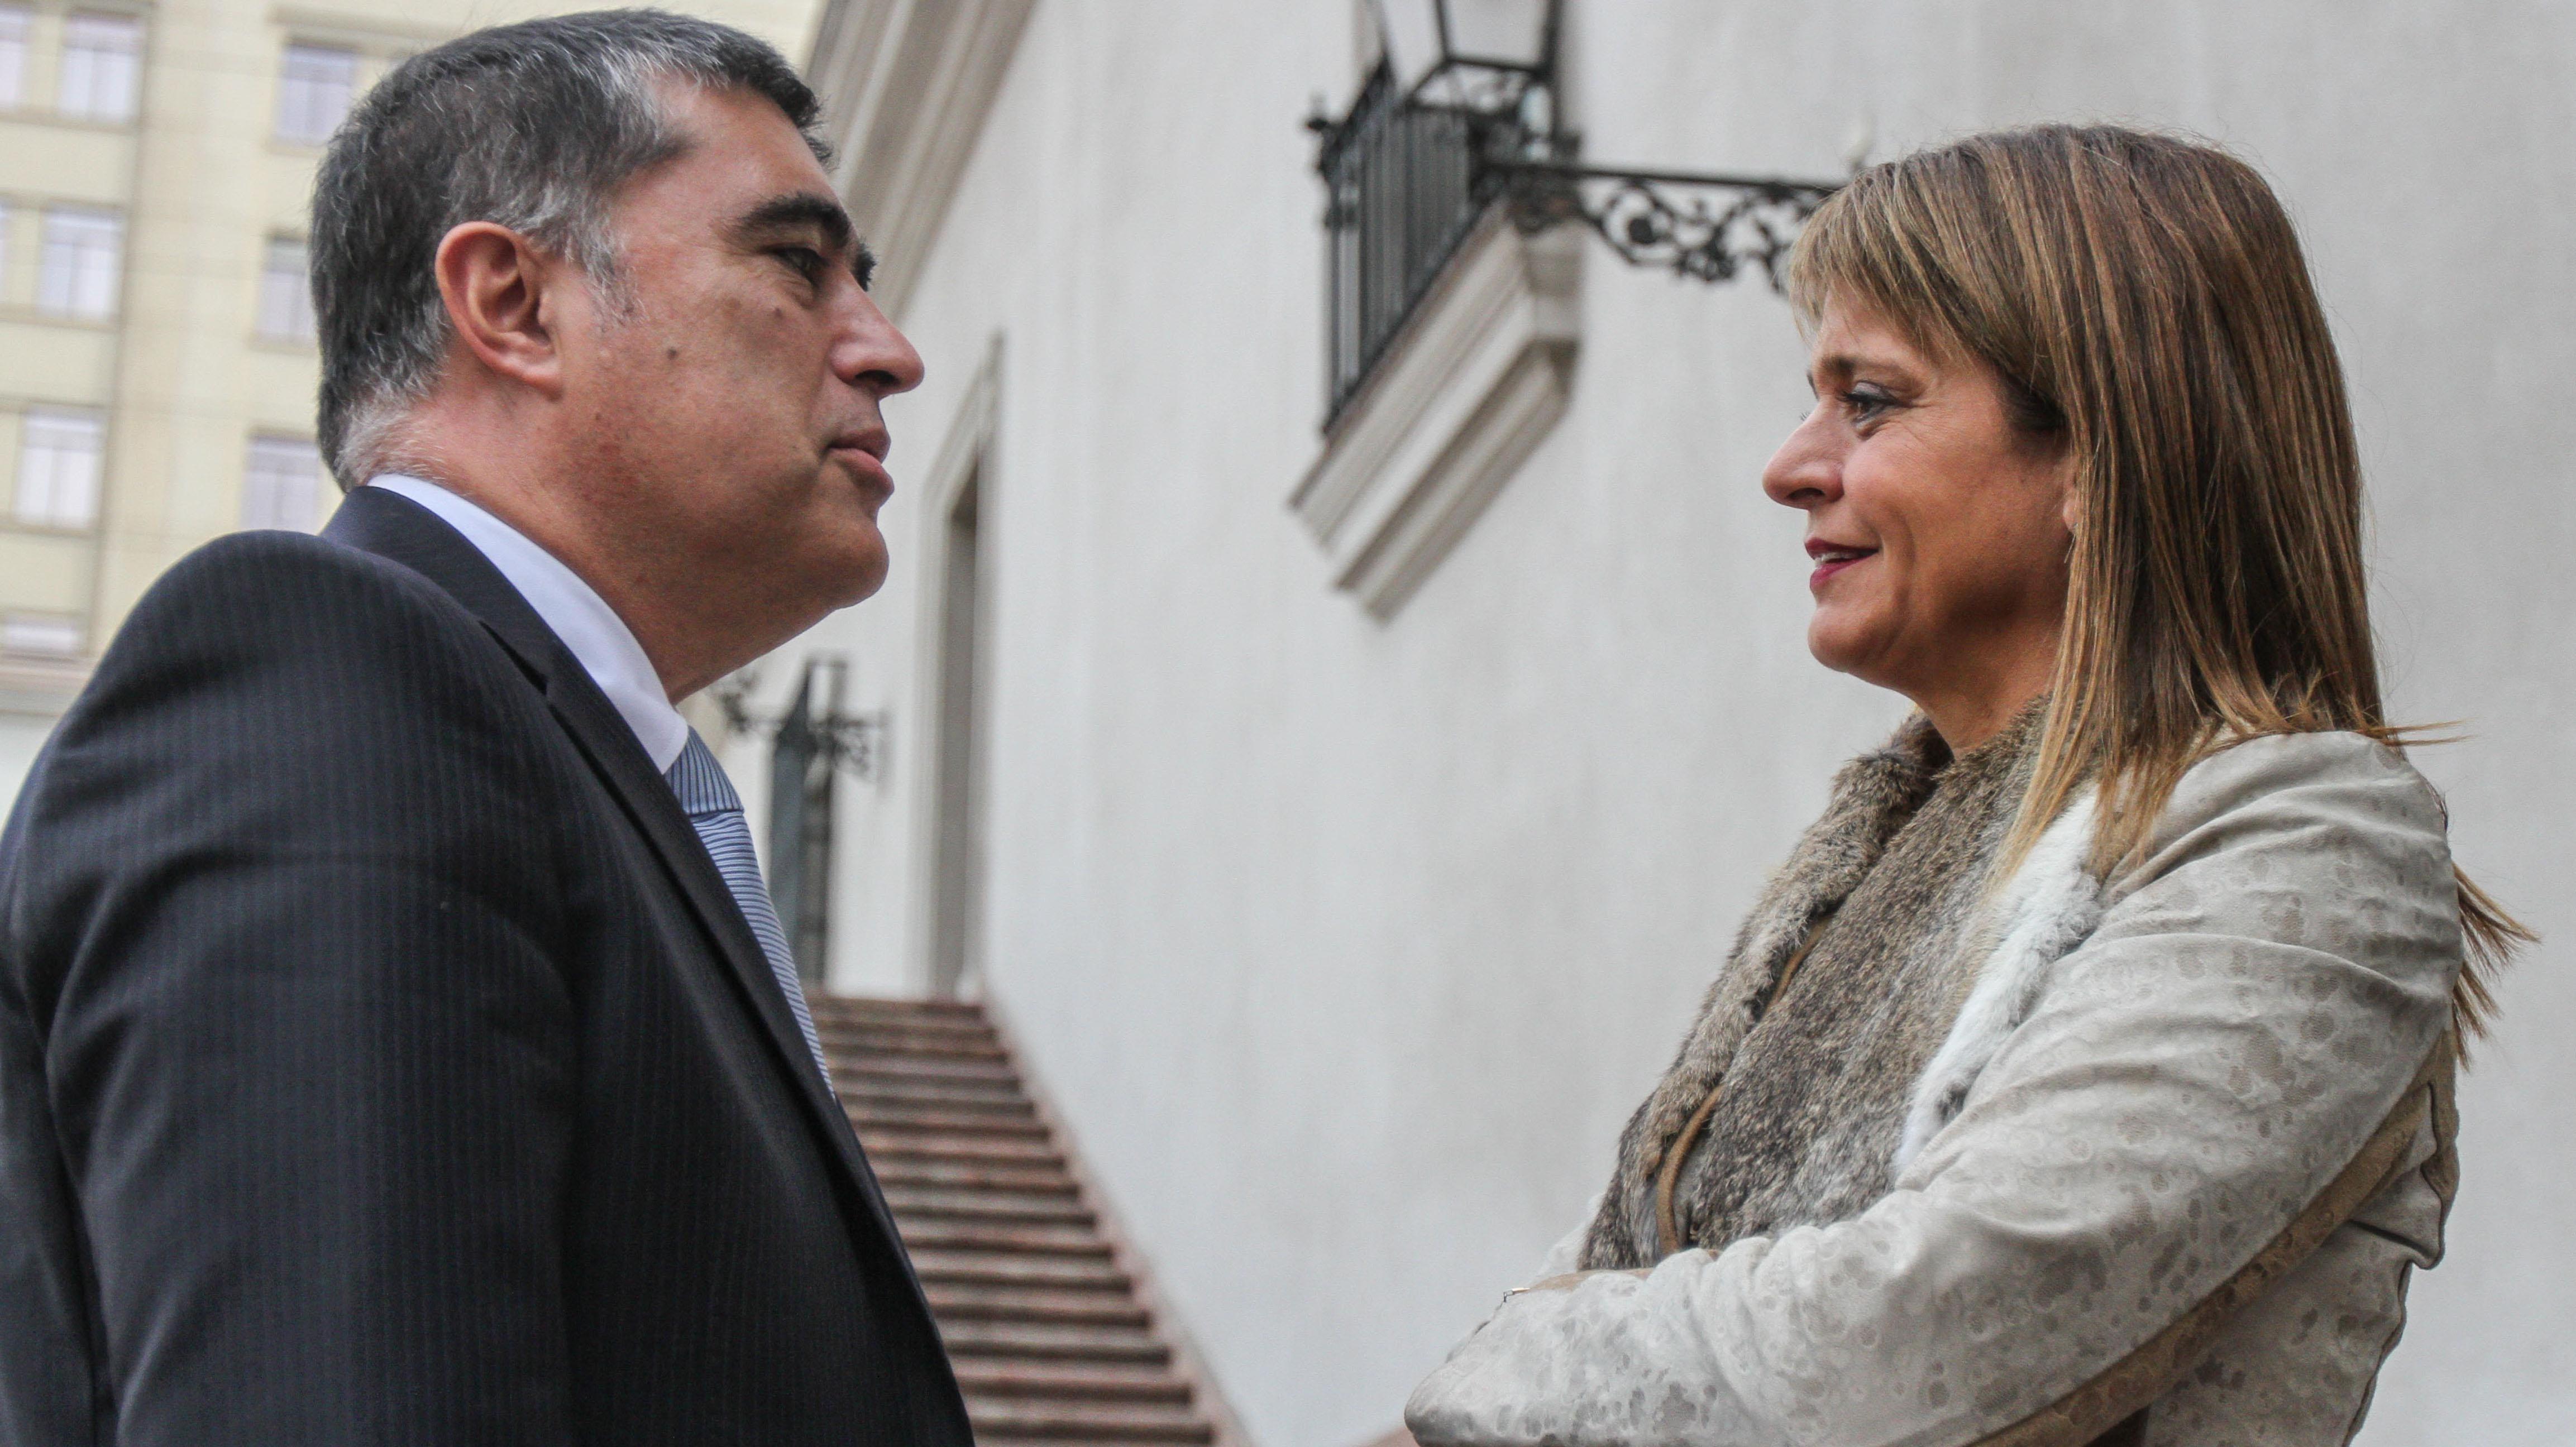 """UDI manifiesta """"sorpresa"""" por el """"desequilibrio"""" que se produjo en el gabinete tras ajuste de Piñera"""